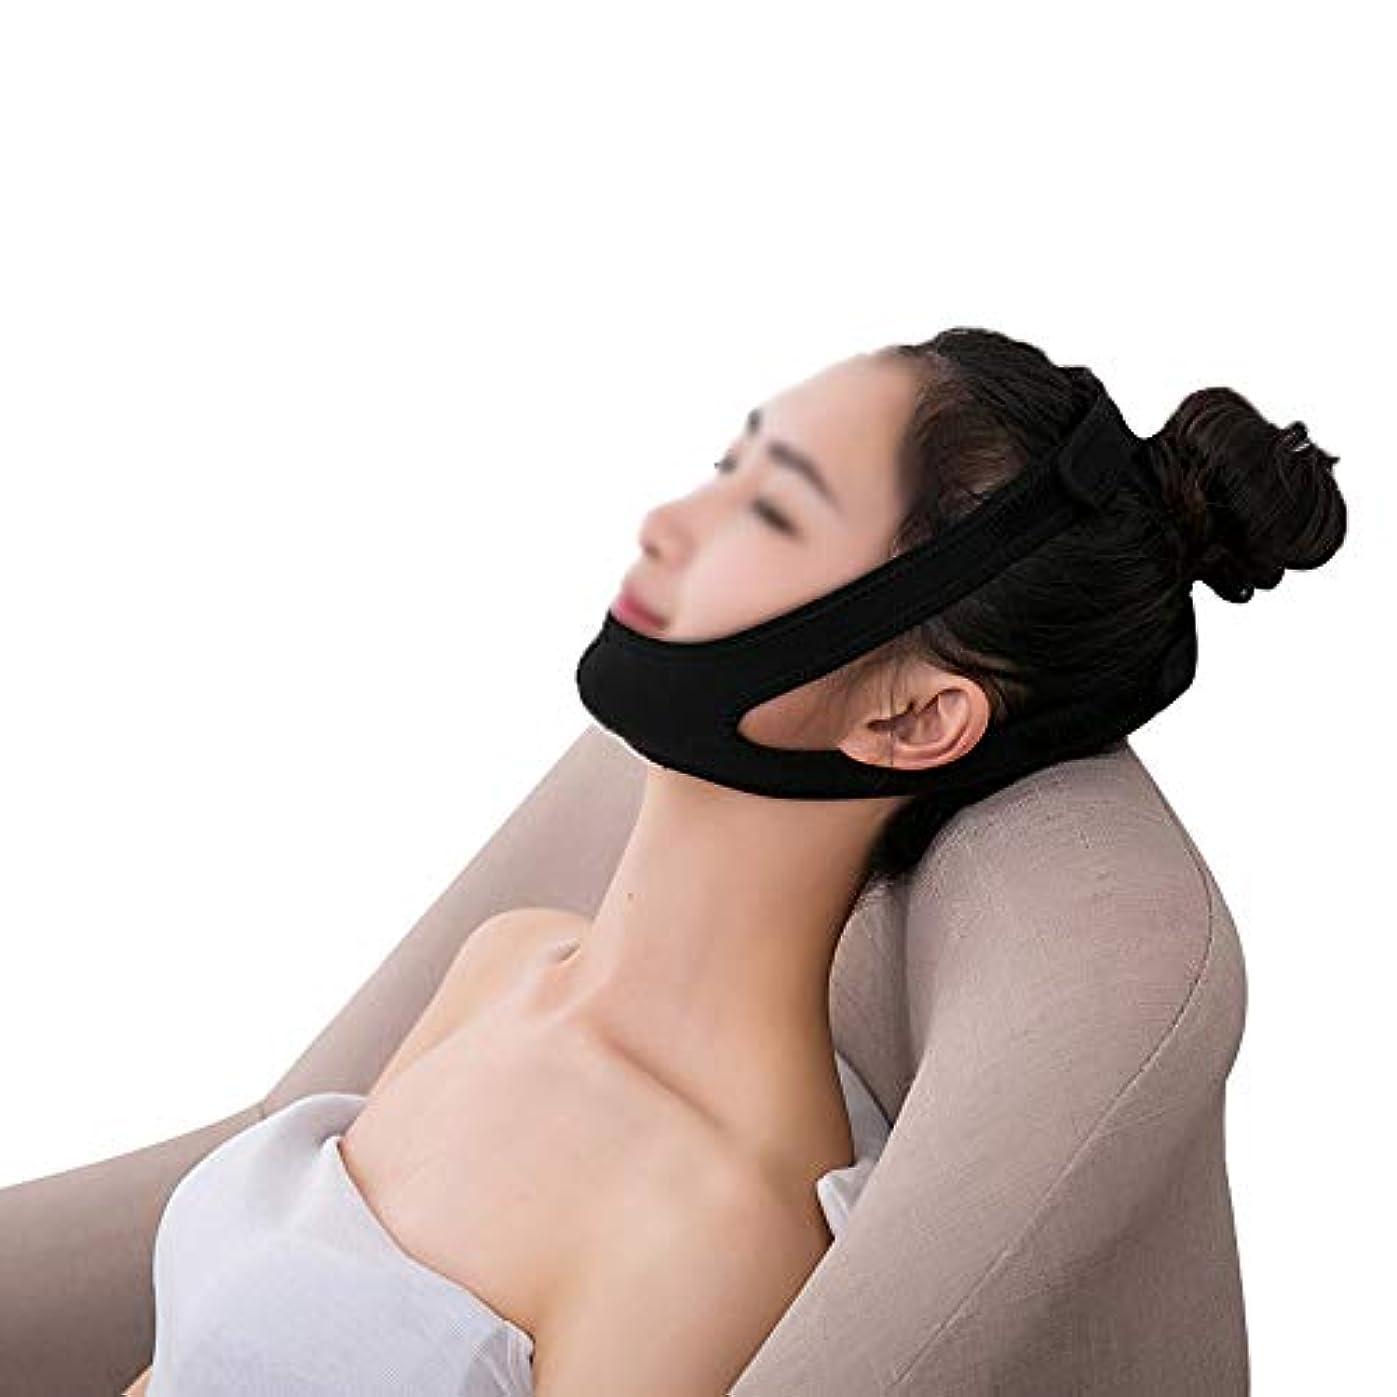 キリン指定小さいXHLMRMJ 引き締めフェイスマスク、術後リフティングマスクホーム包帯揺れネットワーク赤女性vフェイスステッカーストラップ楽器フェイスアーティファクト